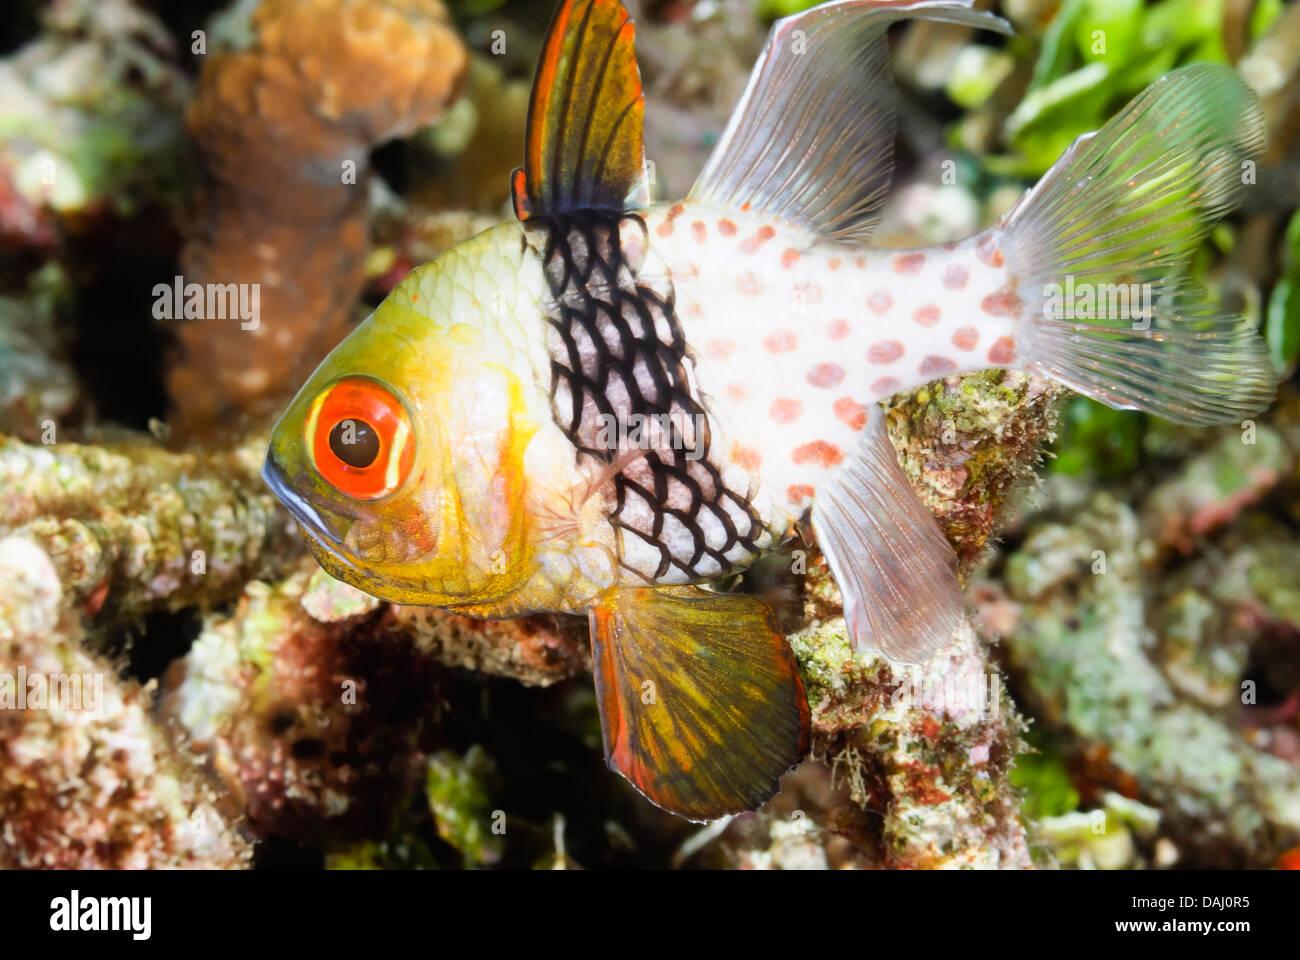 Pyjama cardinalfish, Sphaeramia nematoptera, Lembeh Strait, Sulawesi, Indonesia, Pacific - Stock Image